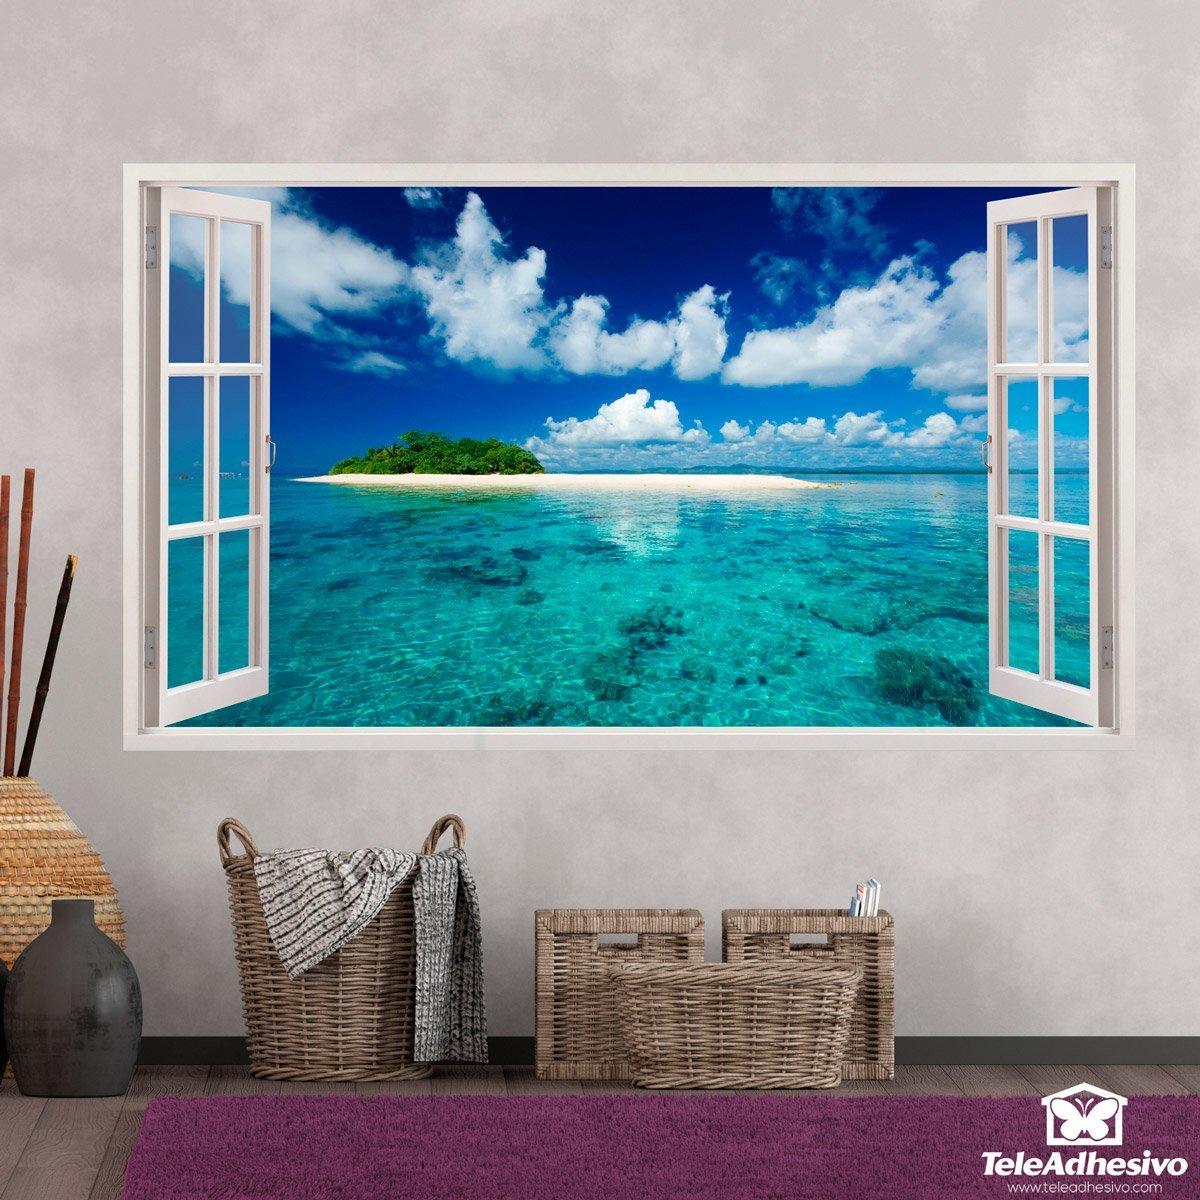 ventana al paraíso